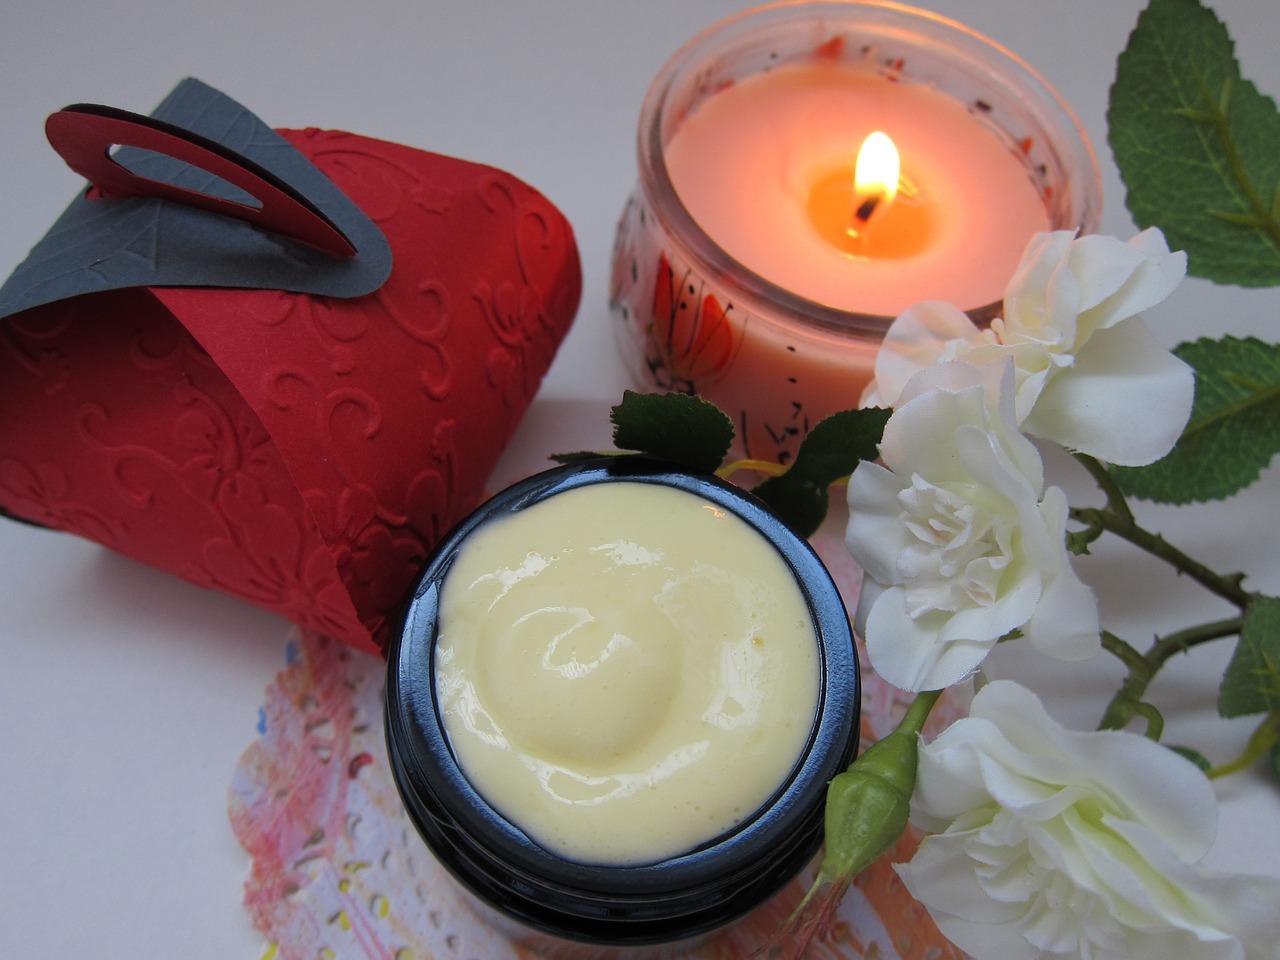 Avis sur les produits de beauté chez Lidl